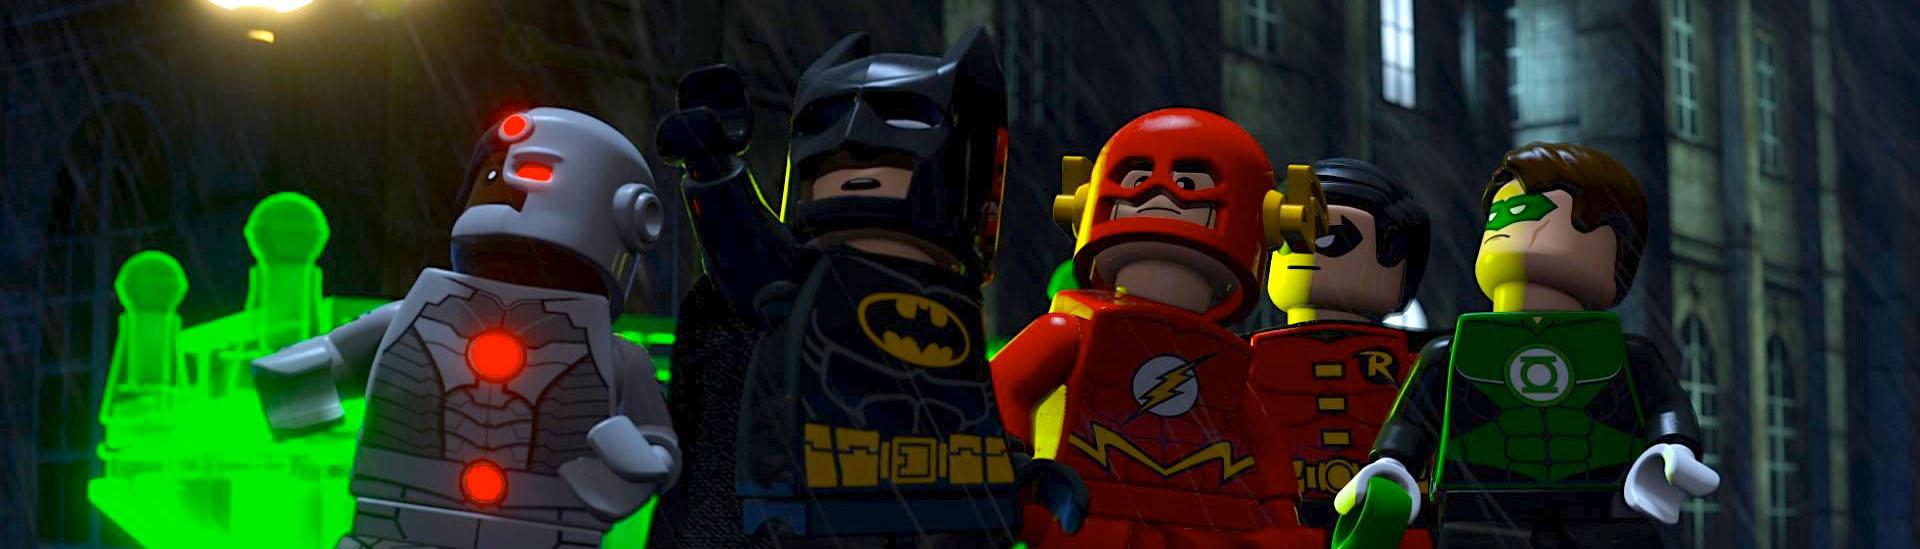 Baner filmu 'Lego Przygoda'